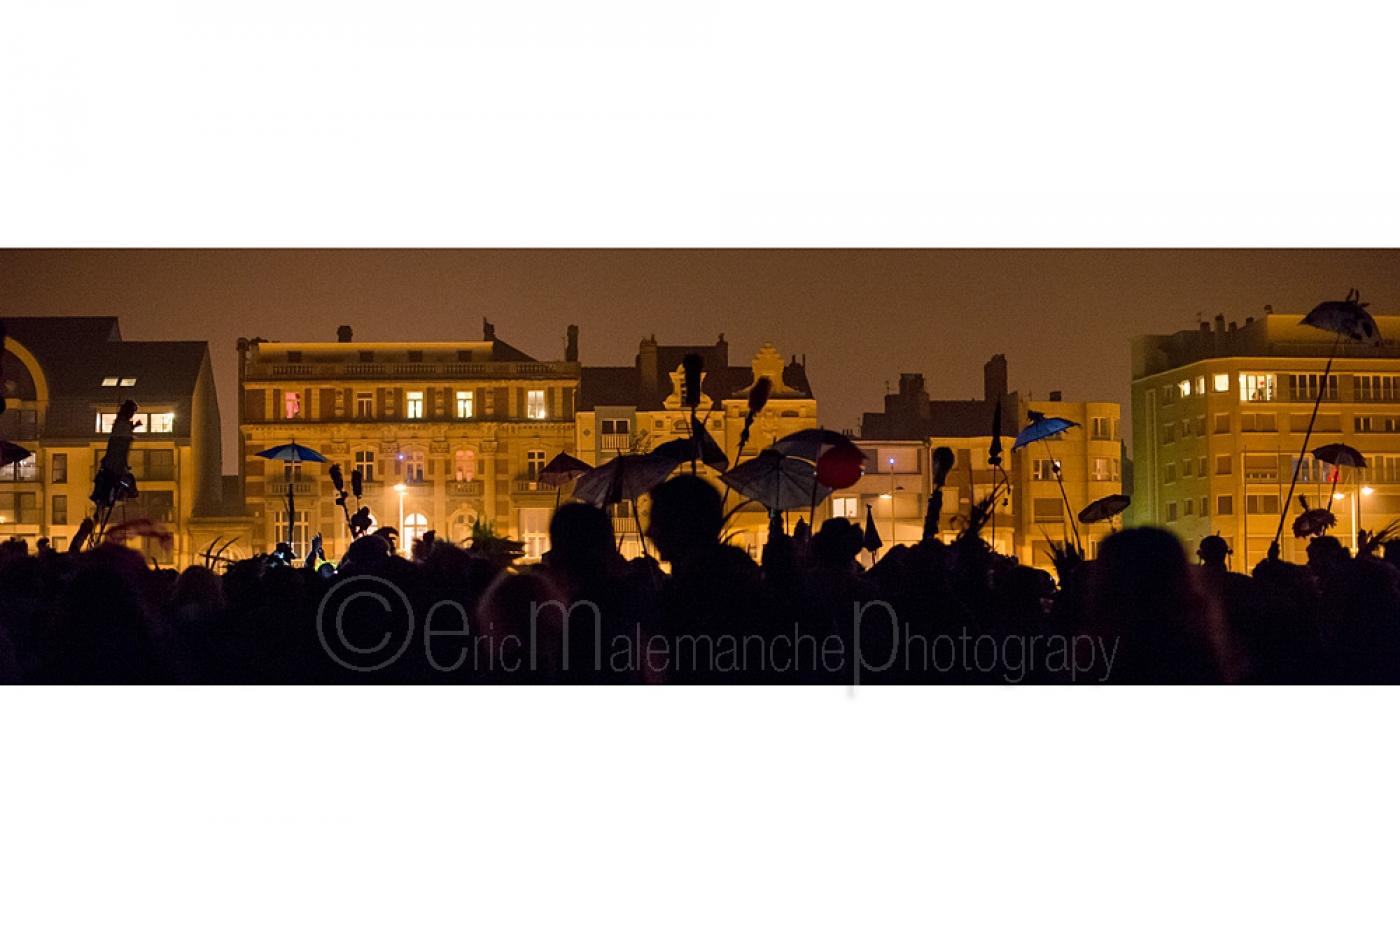 https://www.ericmalemanche.com/imagess/topics/carnaval-de-dunkerque/liste/Carnaval-Dunkerque-6739.jpg